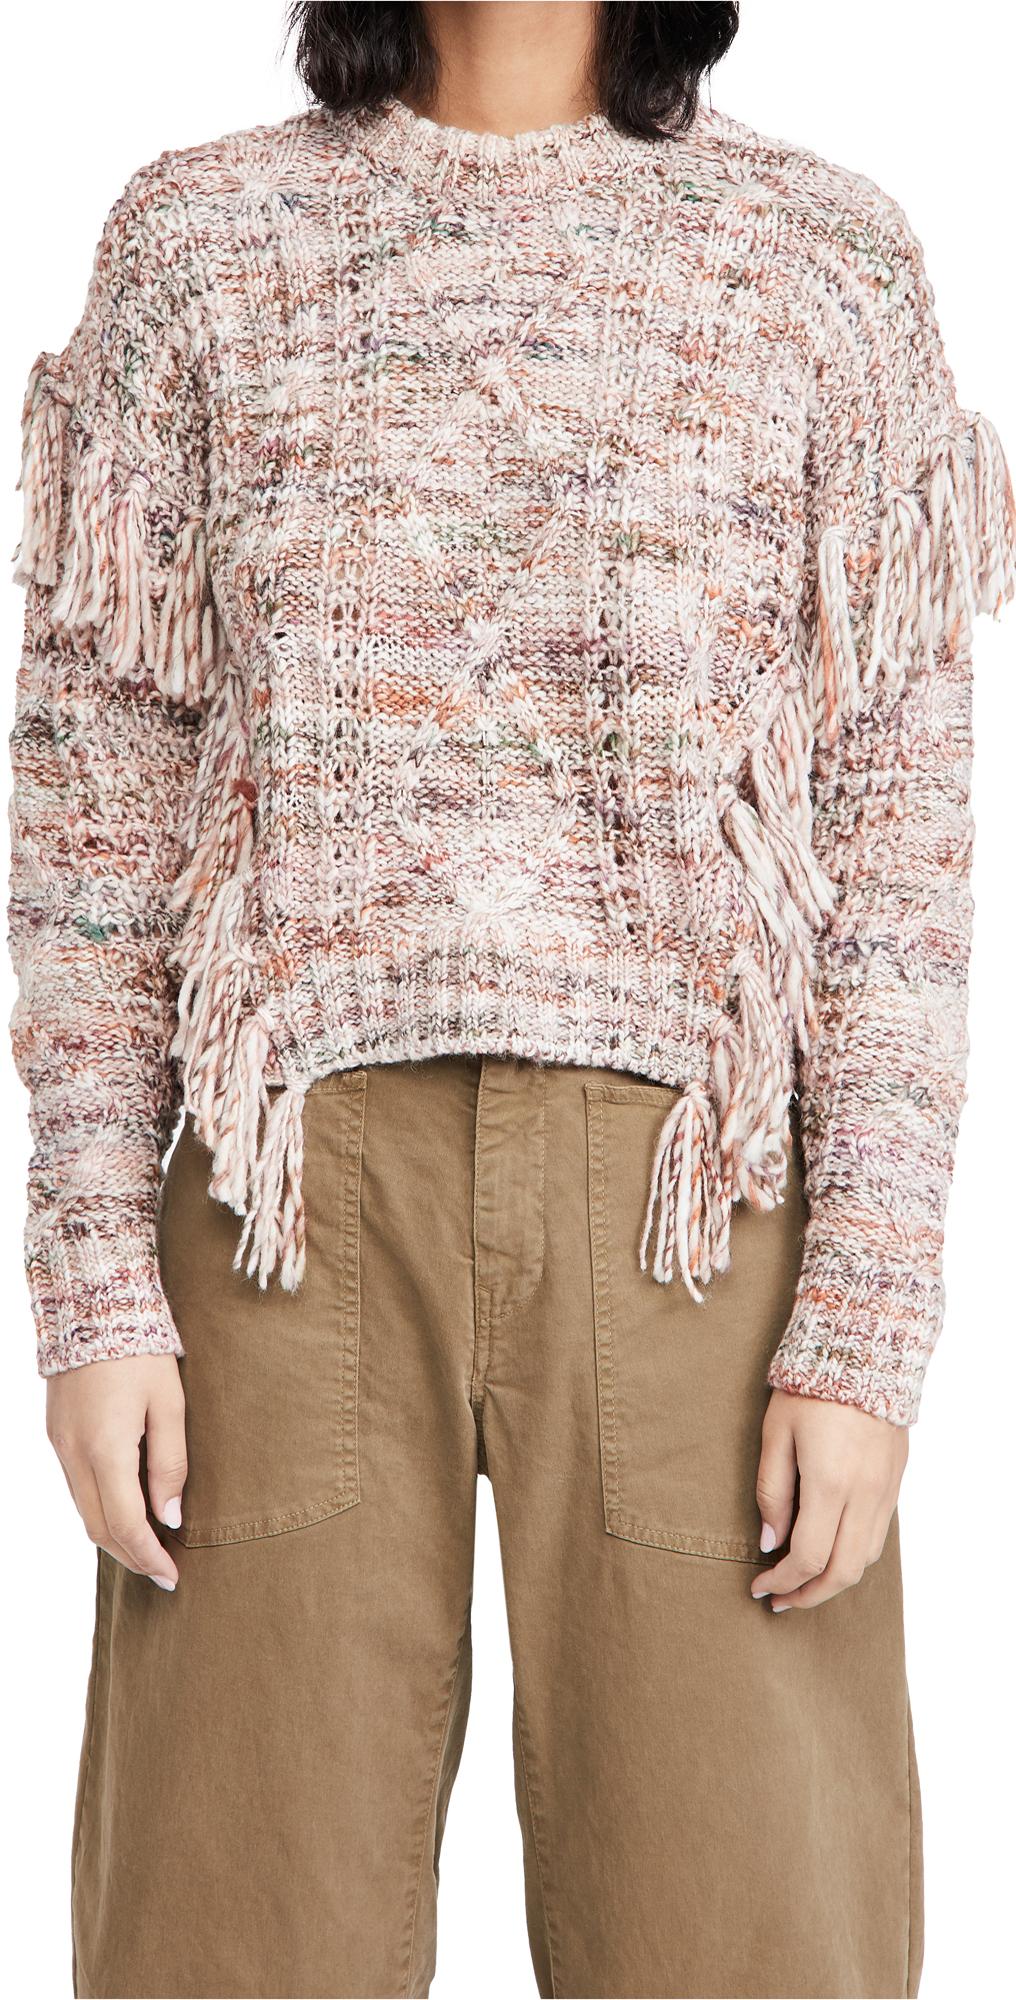 Joie Meghan Sweater